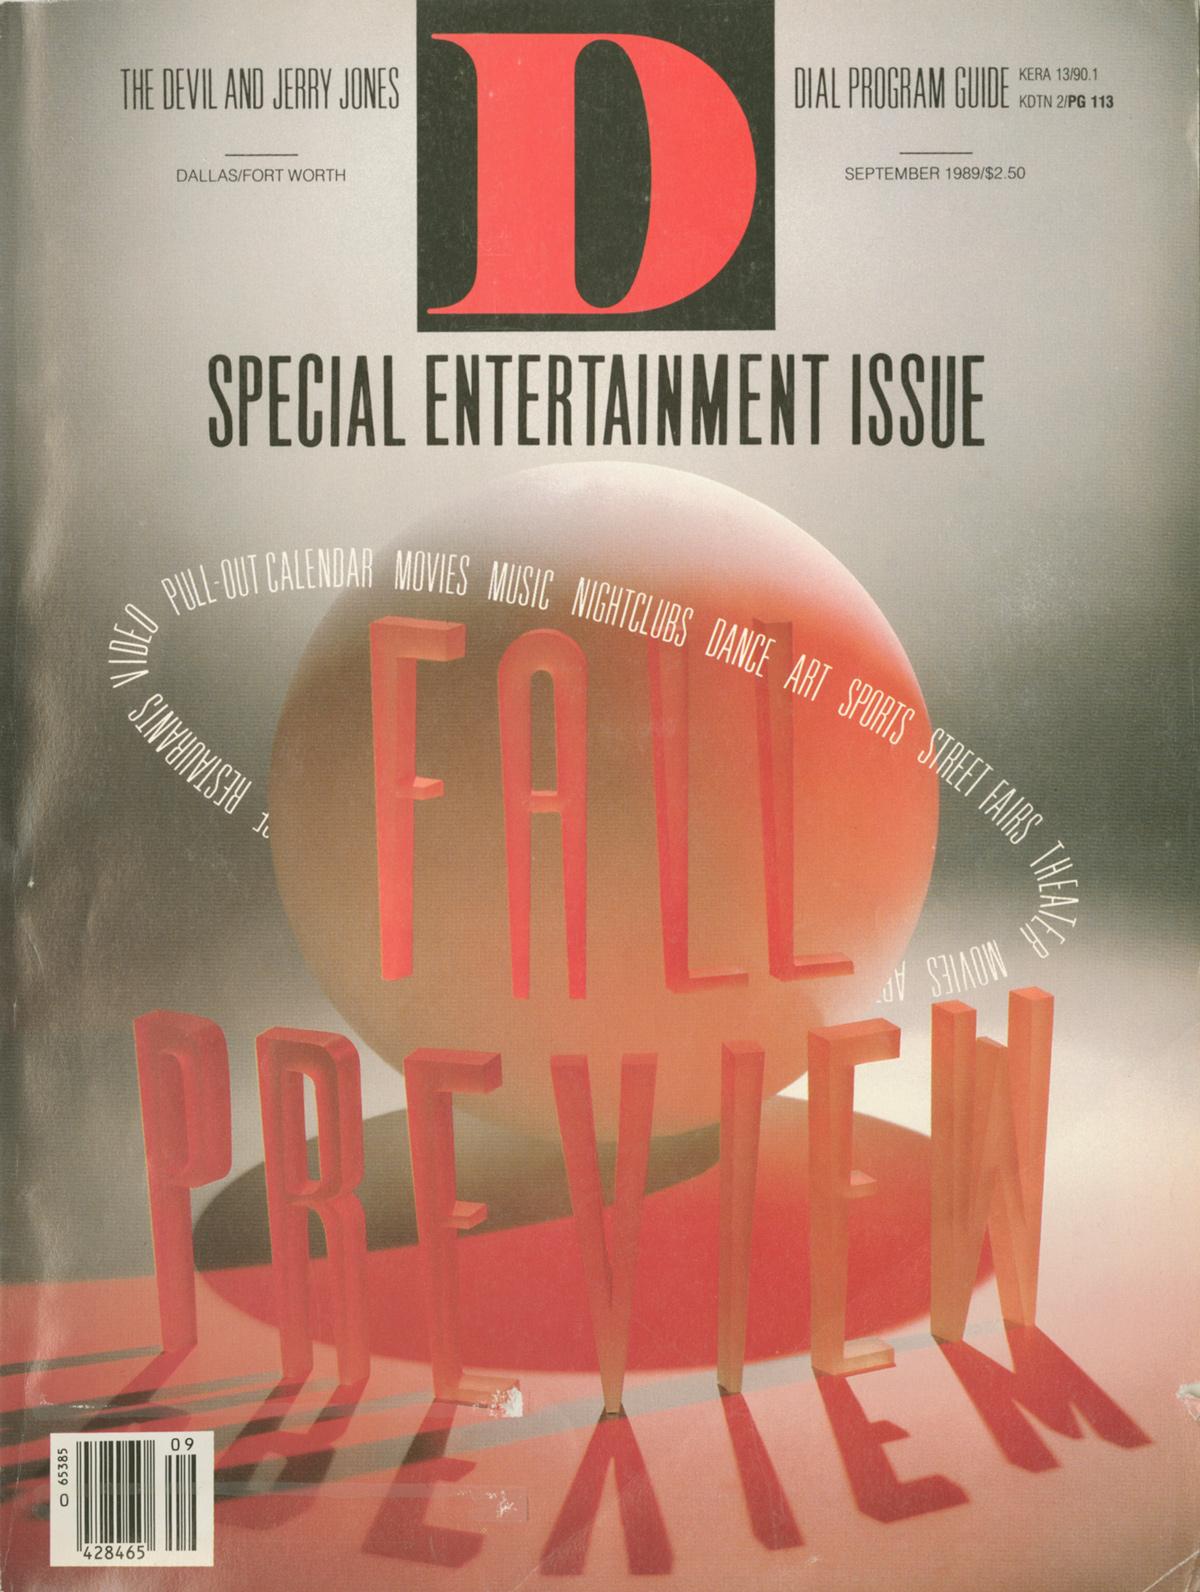 September 1989 cover